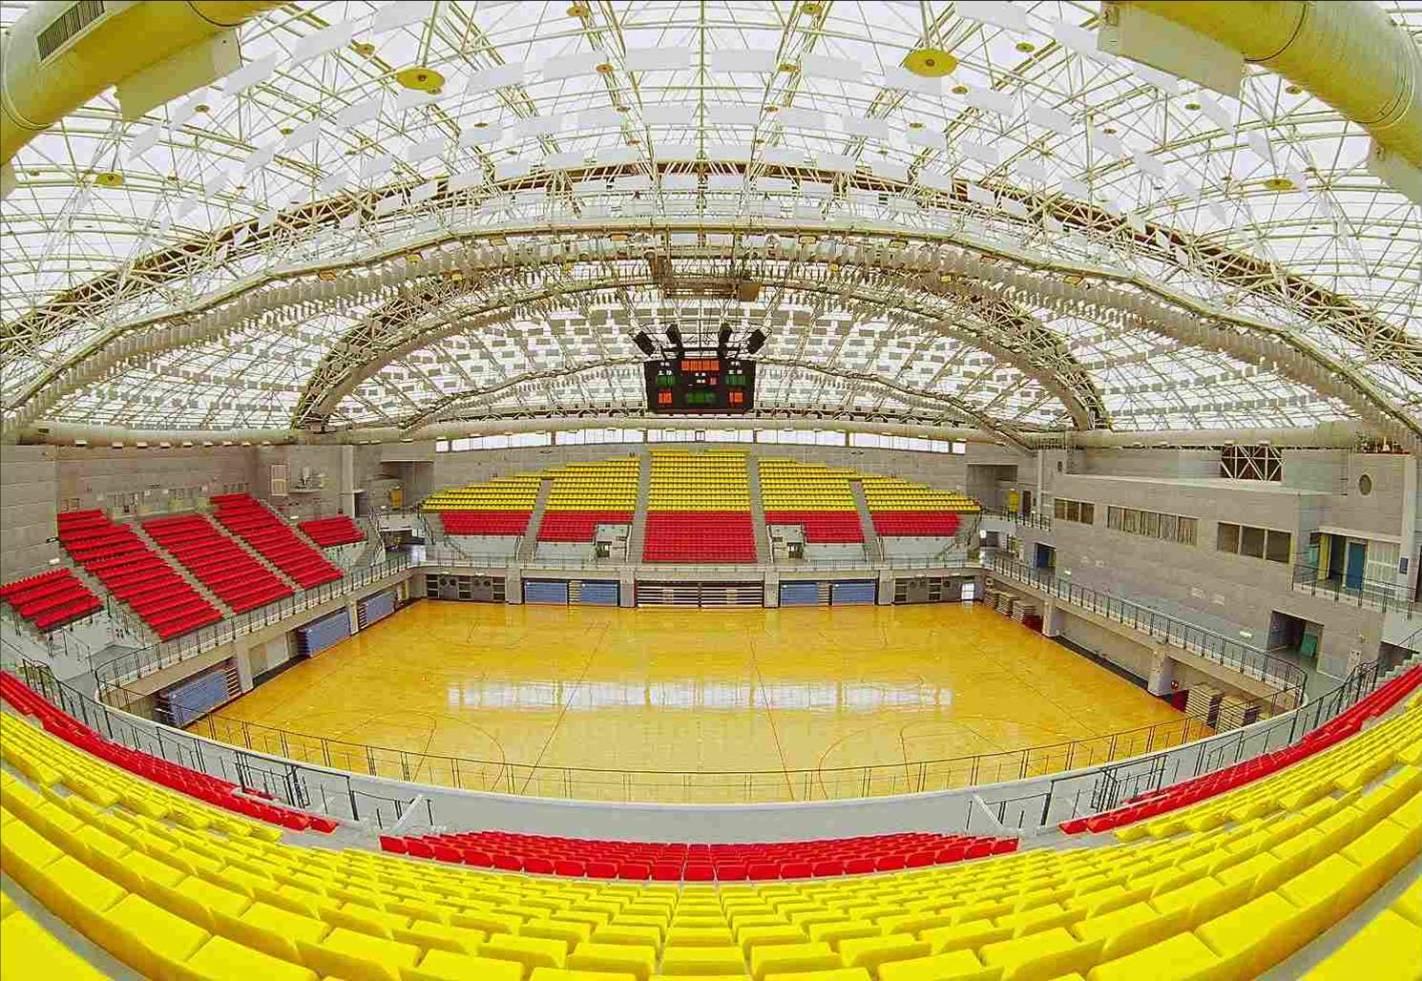 臺大體育館3樓主球場 演唱會場地解說 | #u5mr